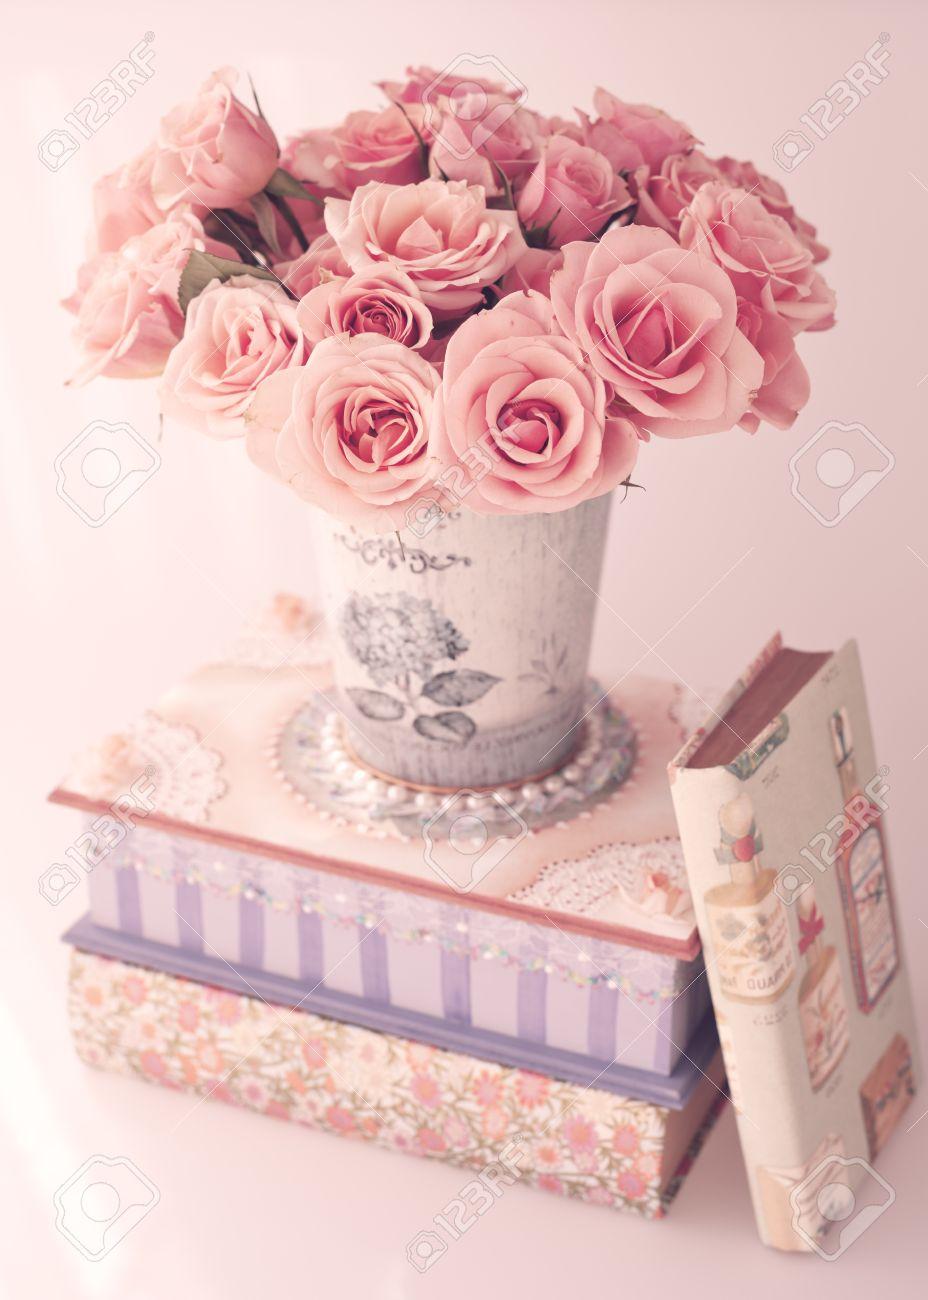 roses anciennes dans un vase sur une boîte girly et livres banque d